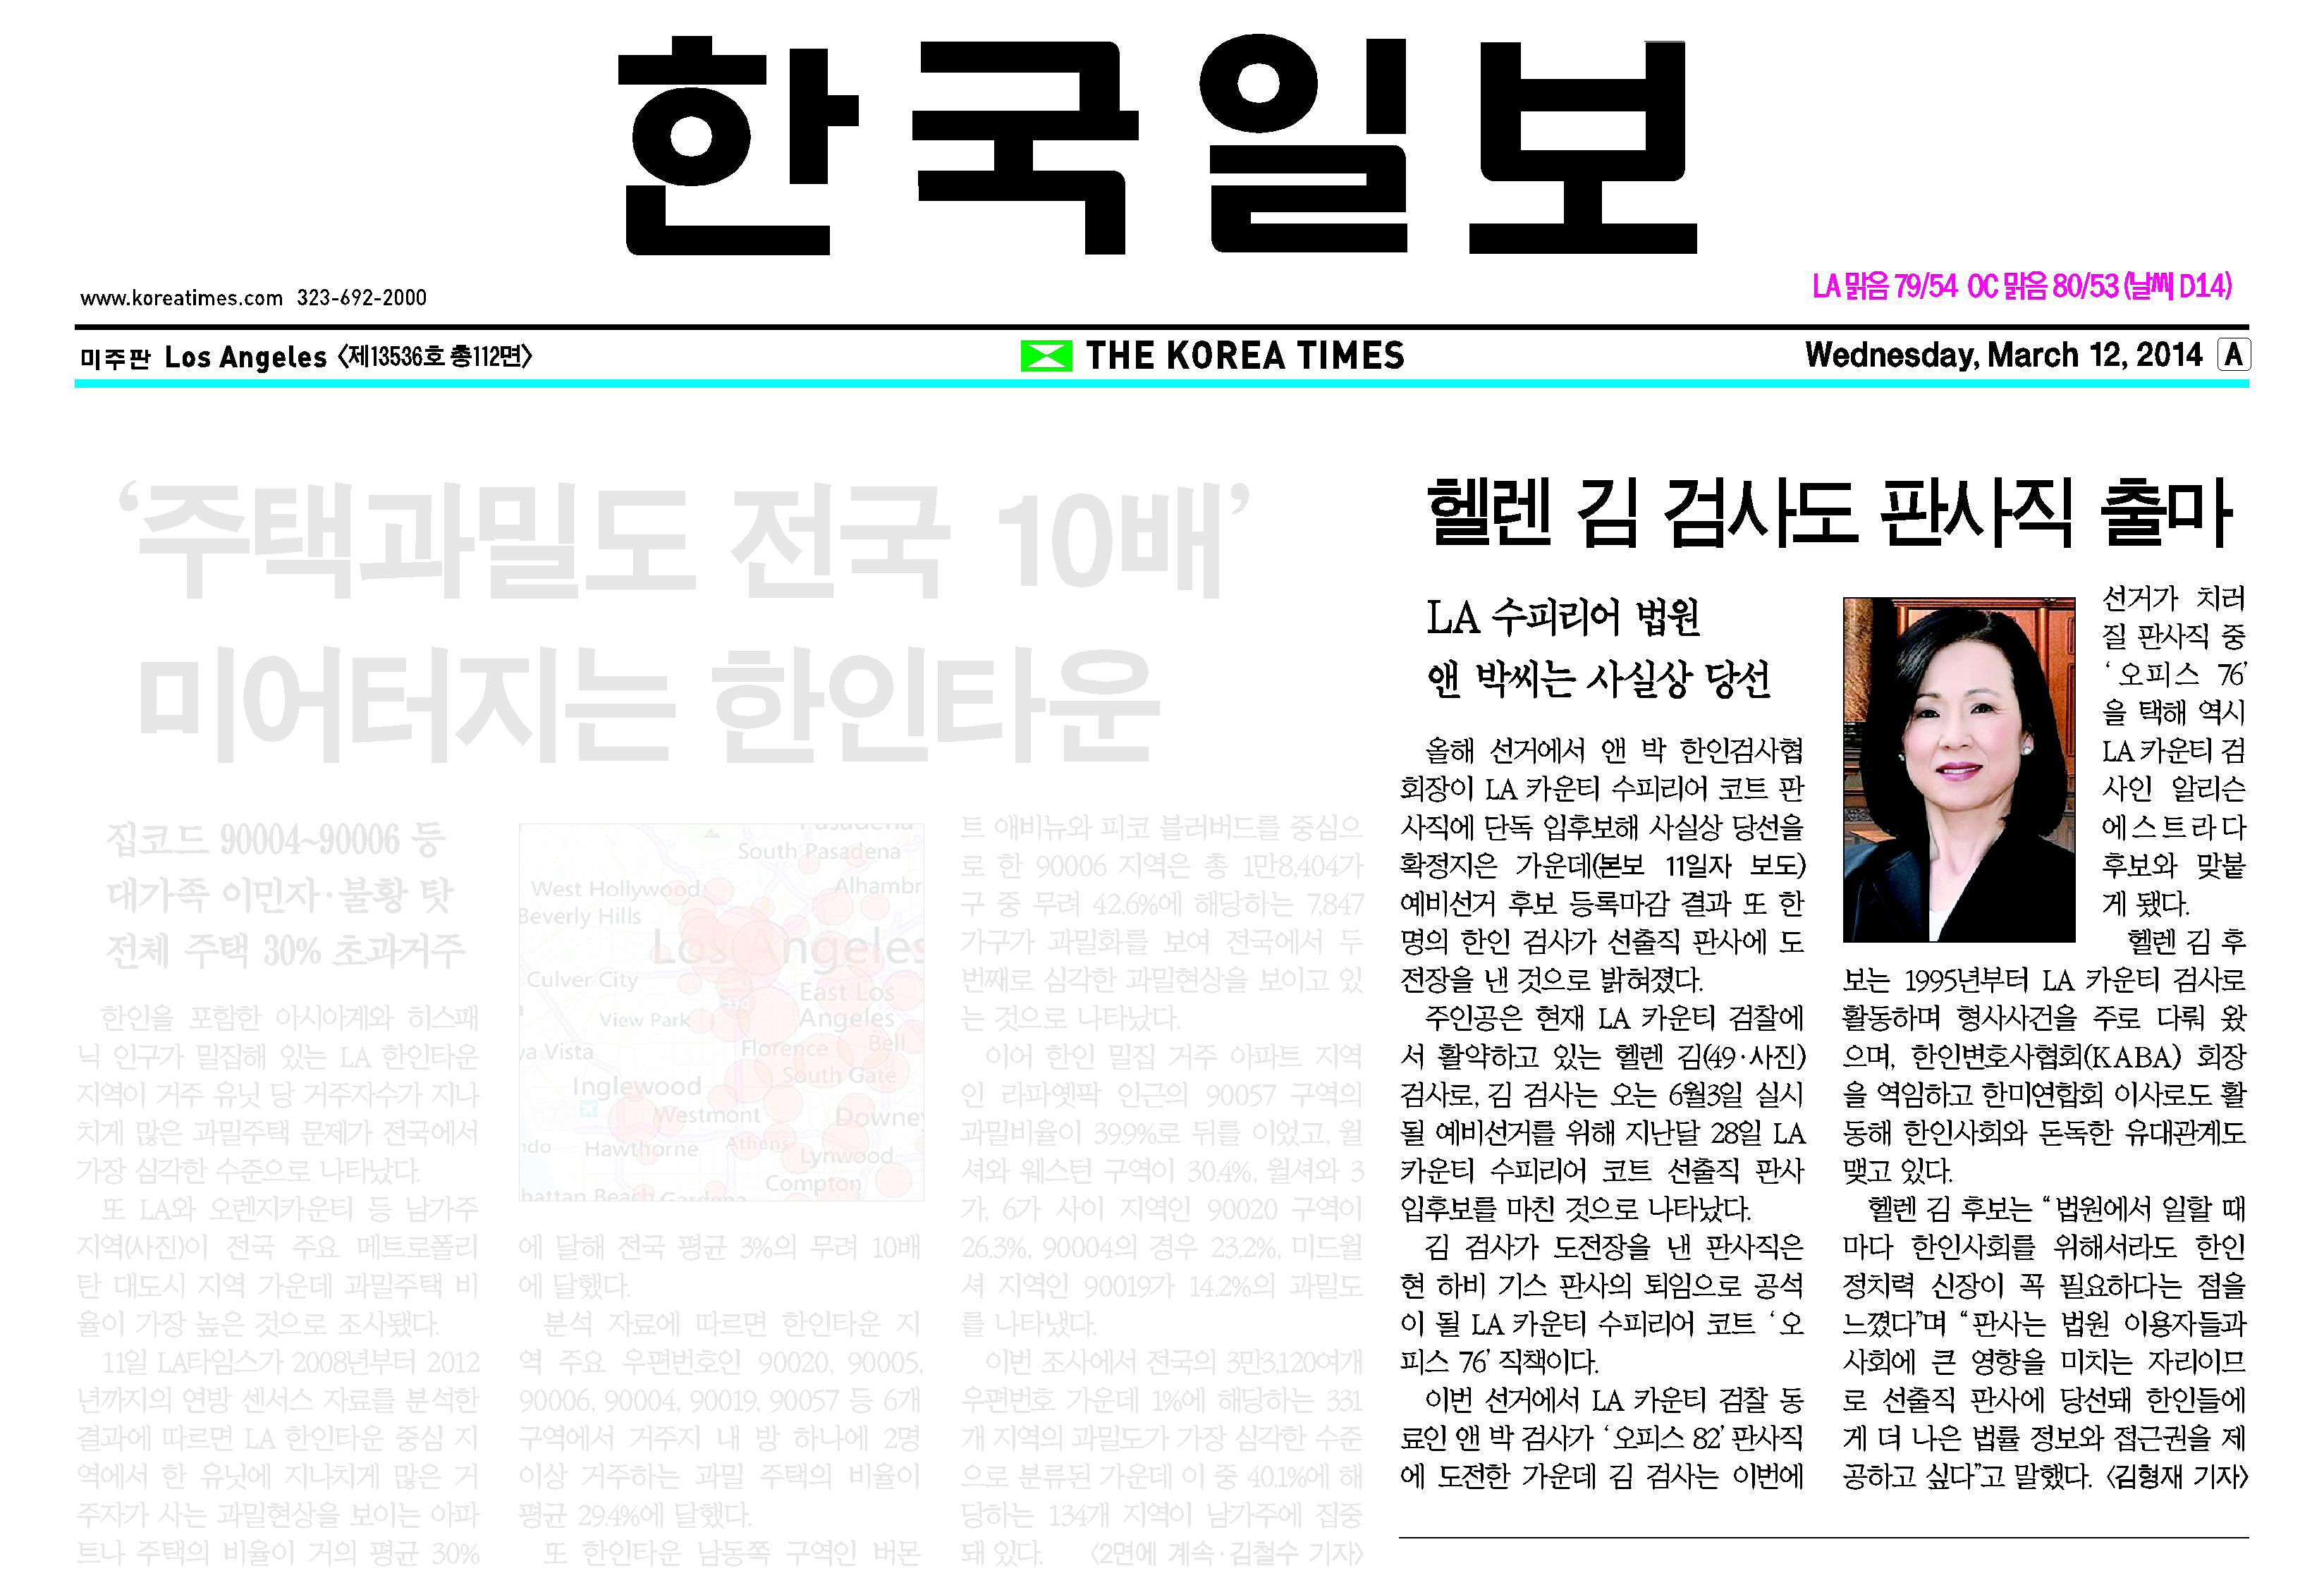 [소식] 헬렌 김 검사님 판사직 출마 (김가등 평생회원 자녀)